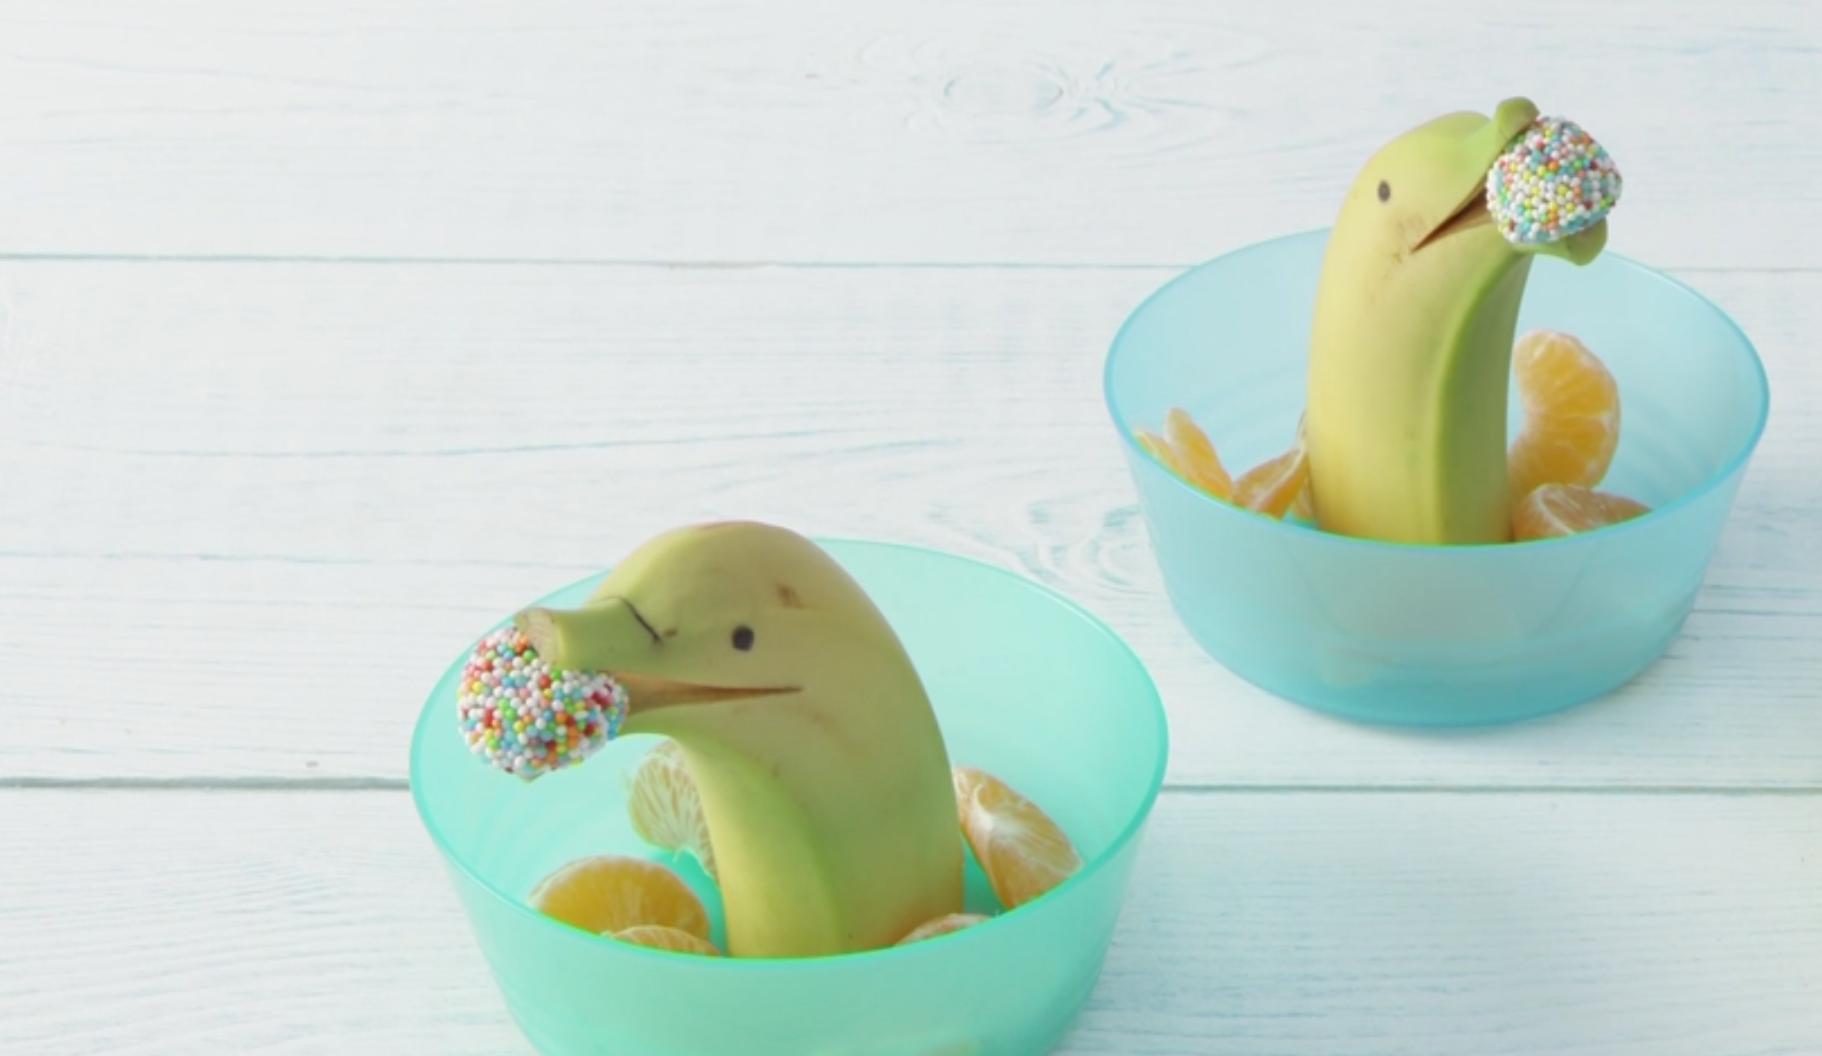 Gezonde én leuke kindertraktatie: banaandolfijntjes